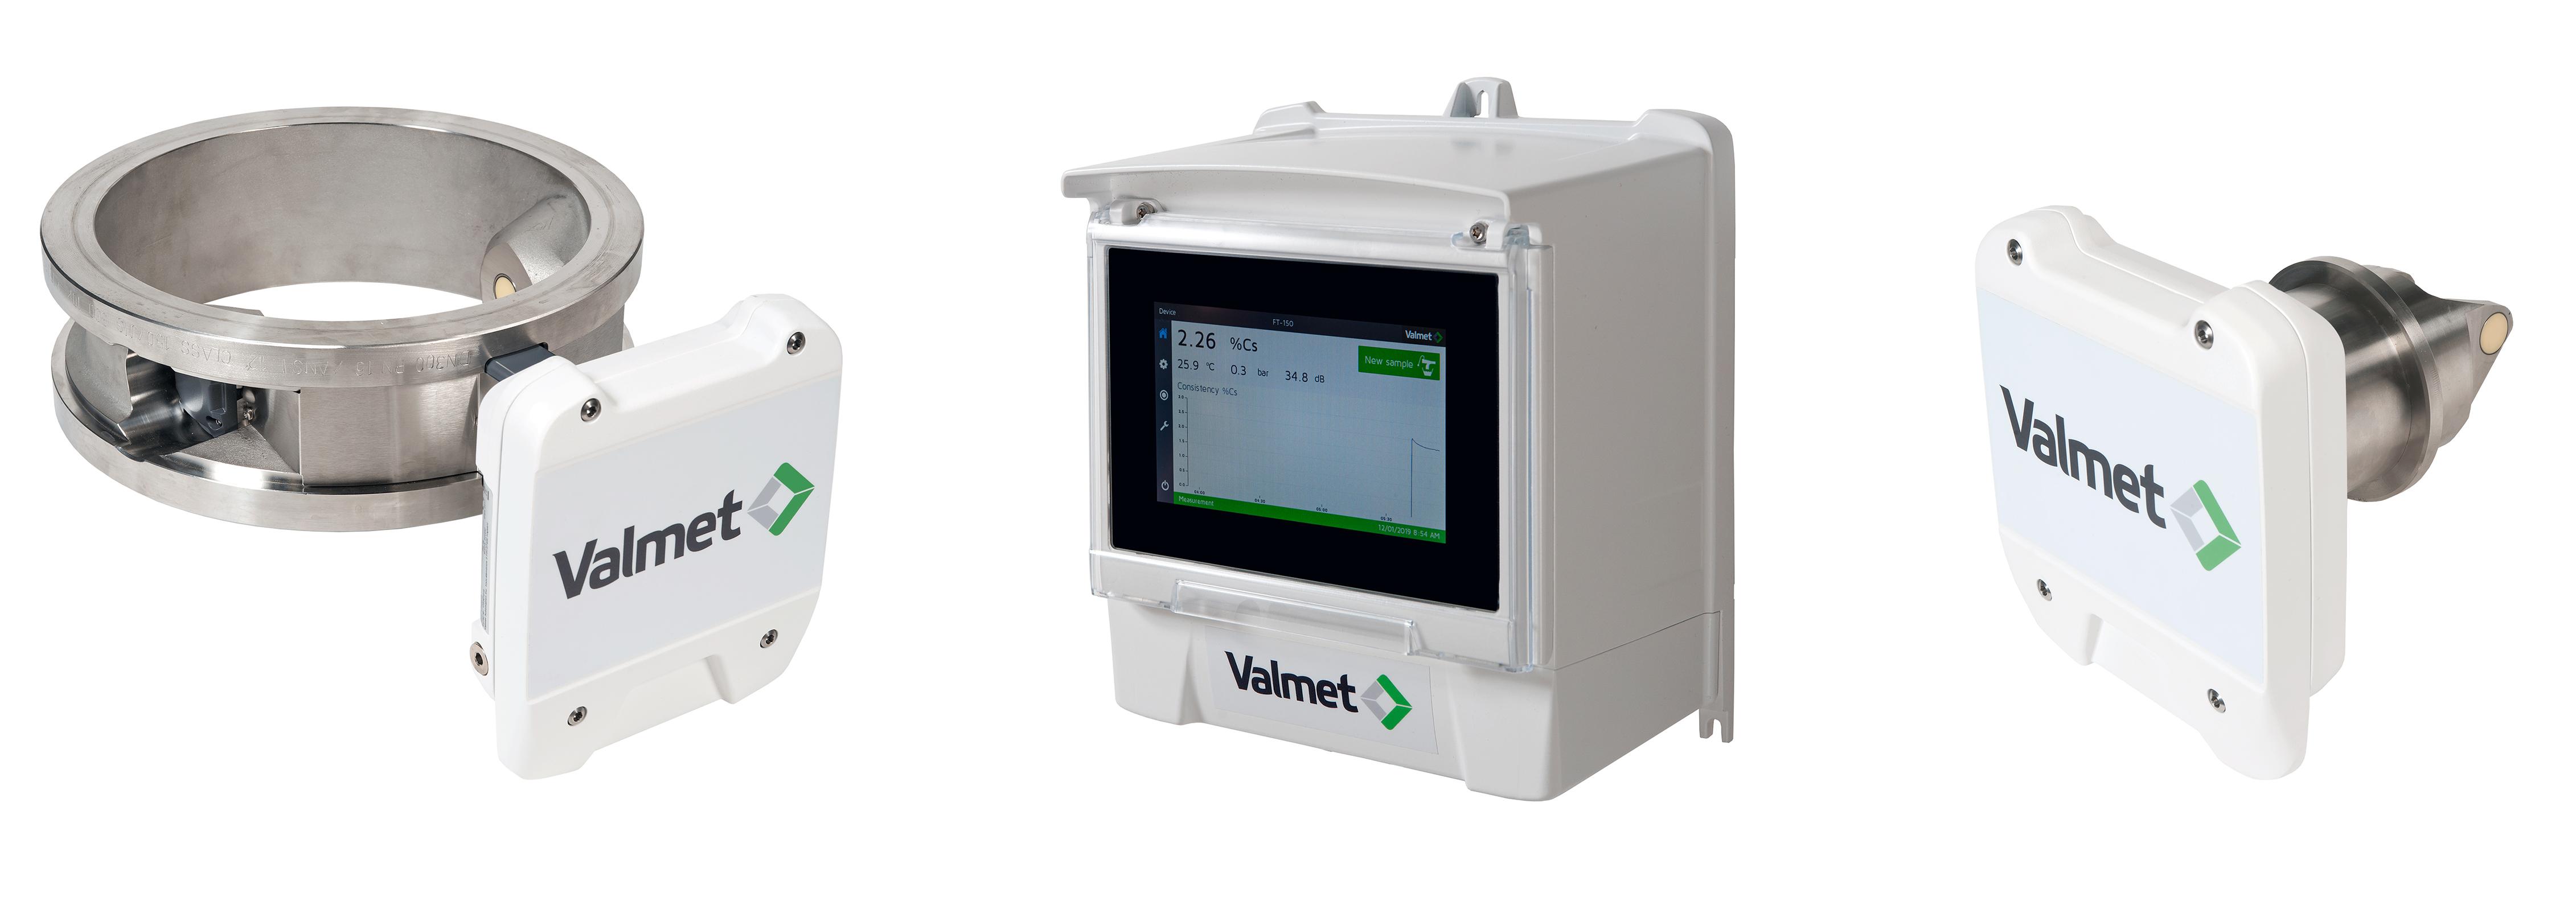 Valmet julkistaa uuden mikroaaltotekniikkaan perustuvan kokonaissakeusmittauksen sellun- ja paperinvalmistajille.